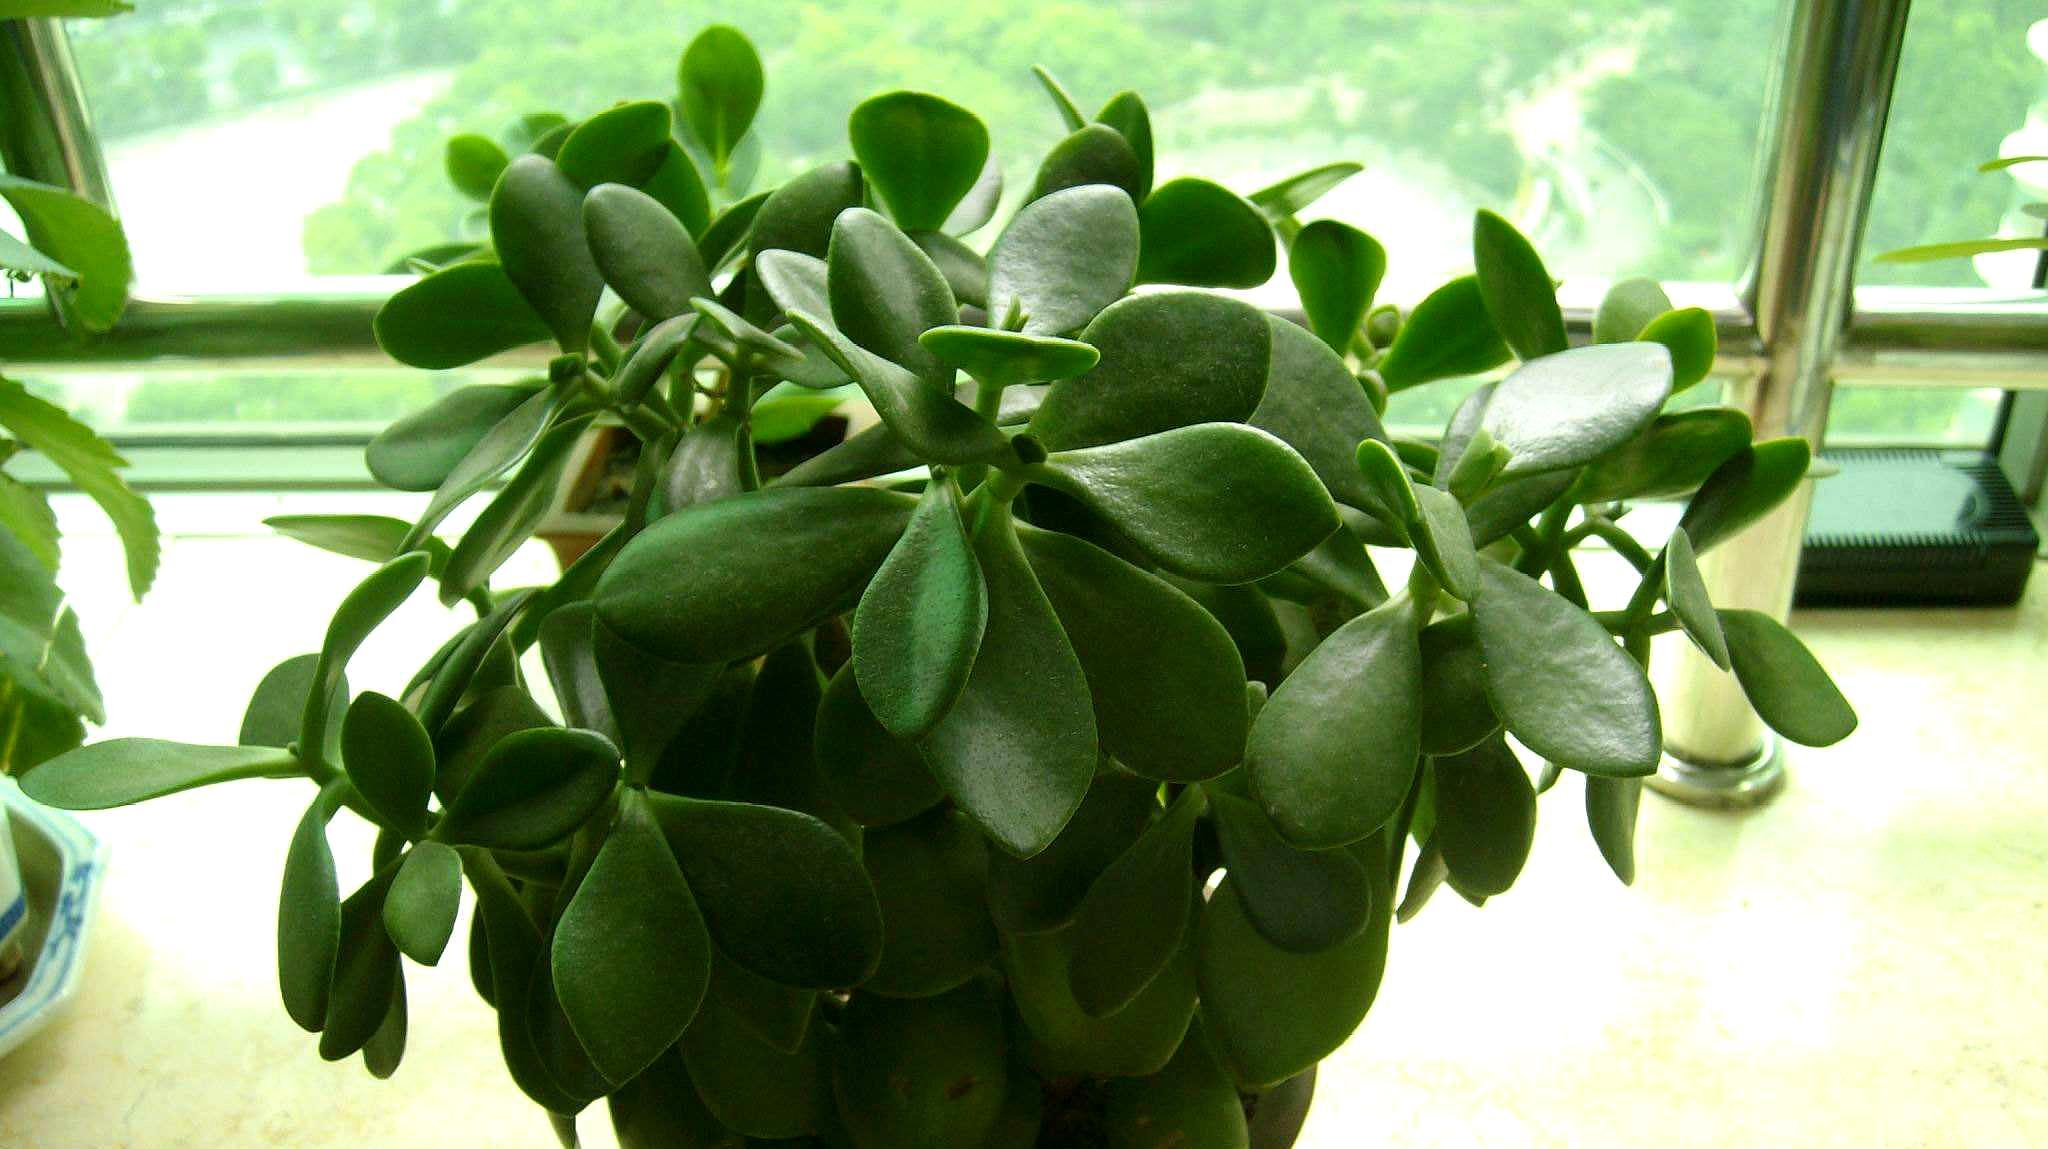 玉树到底怎么养长得快,几个玉树的养殖技巧,令玉树绿满枝头